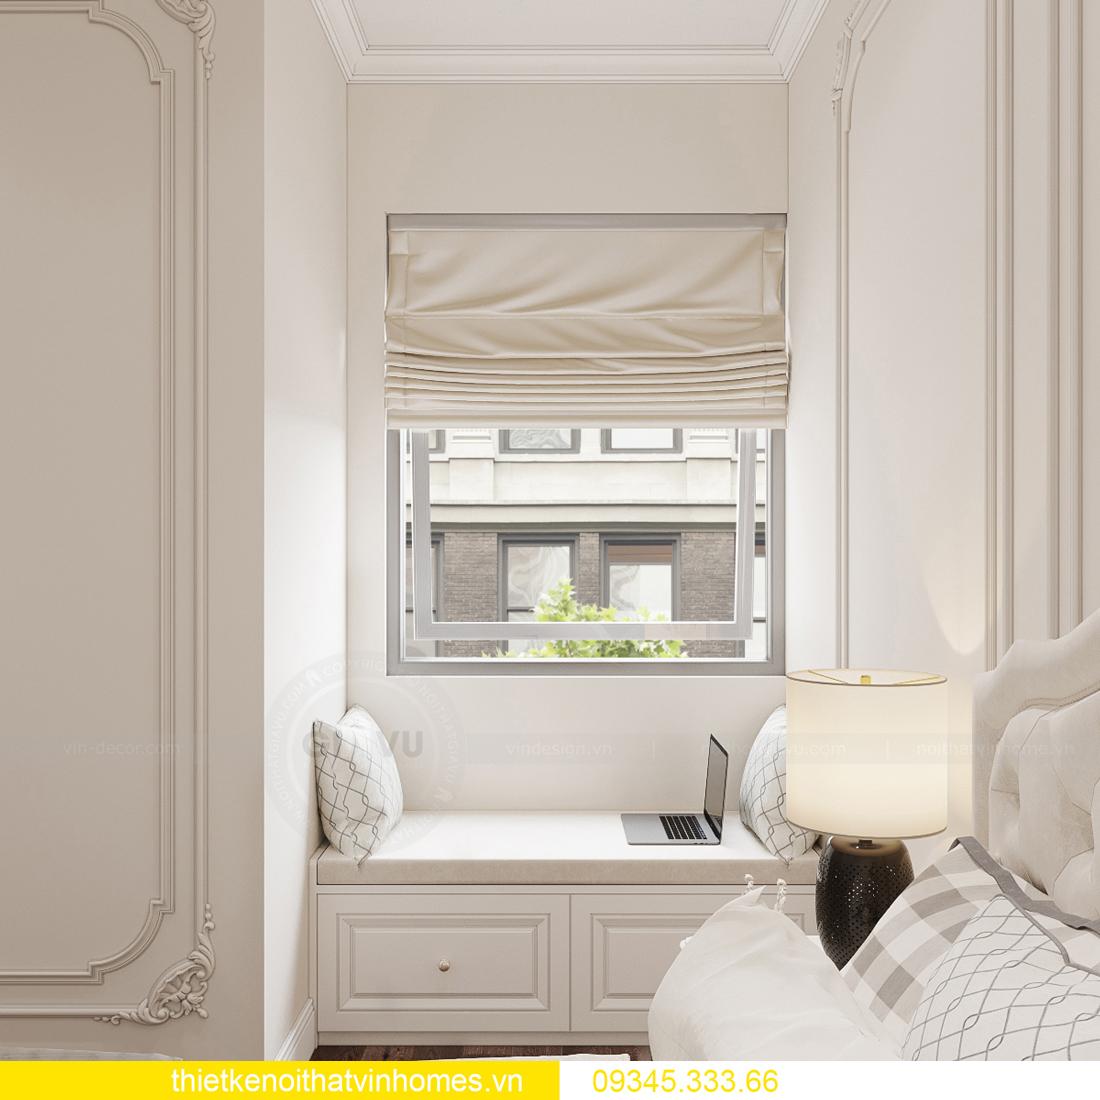 thiết kế nội thất căn hộ chung cư tân cổ điển nhà chị Như 14